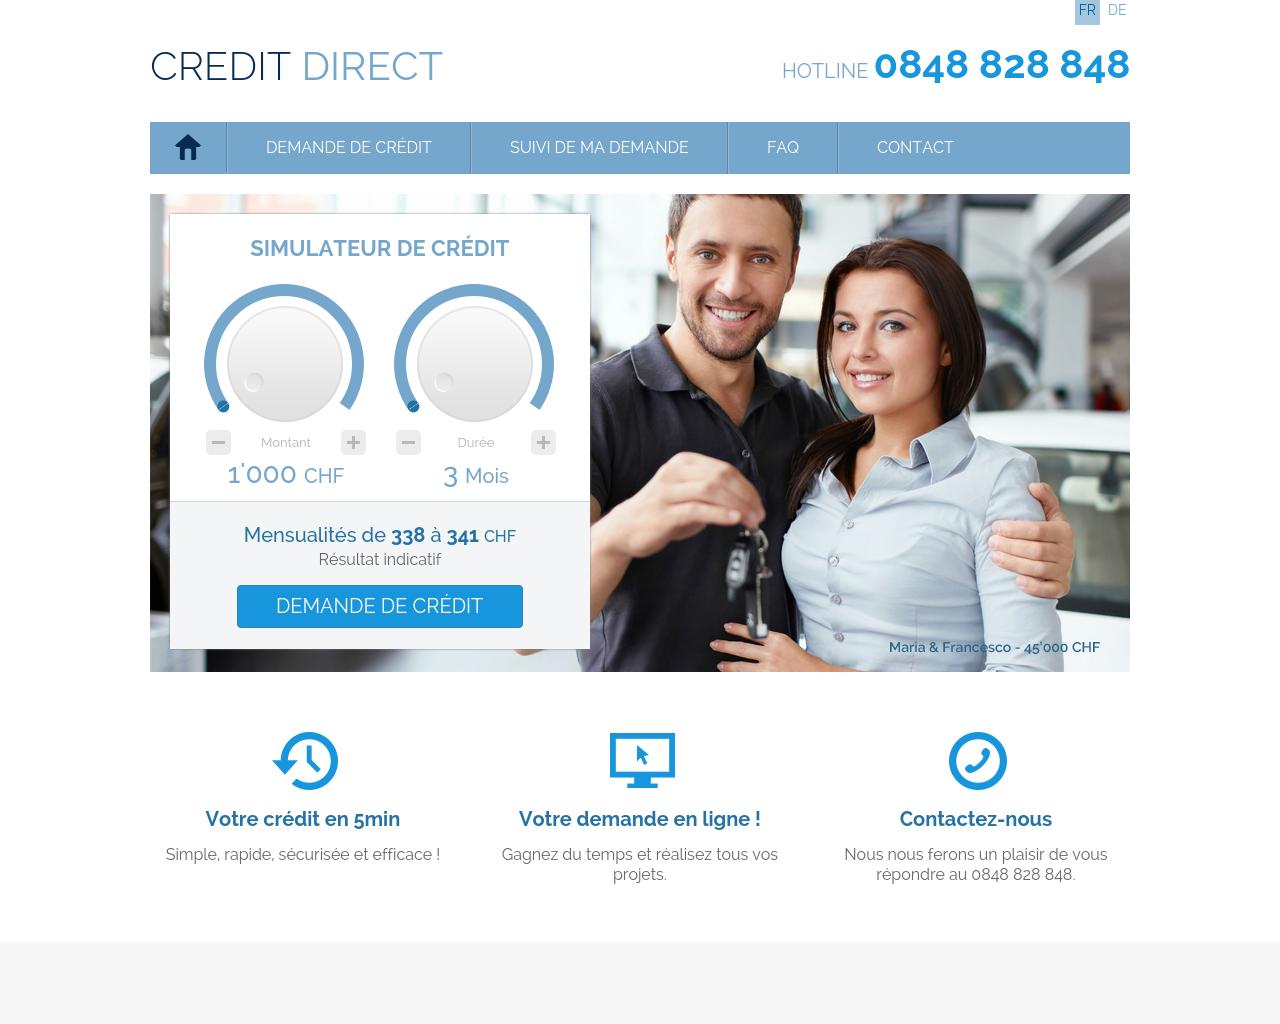 les avantages d un emprunt bancaire qui s duisent les clients annuaire de site web de qualit. Black Bedroom Furniture Sets. Home Design Ideas